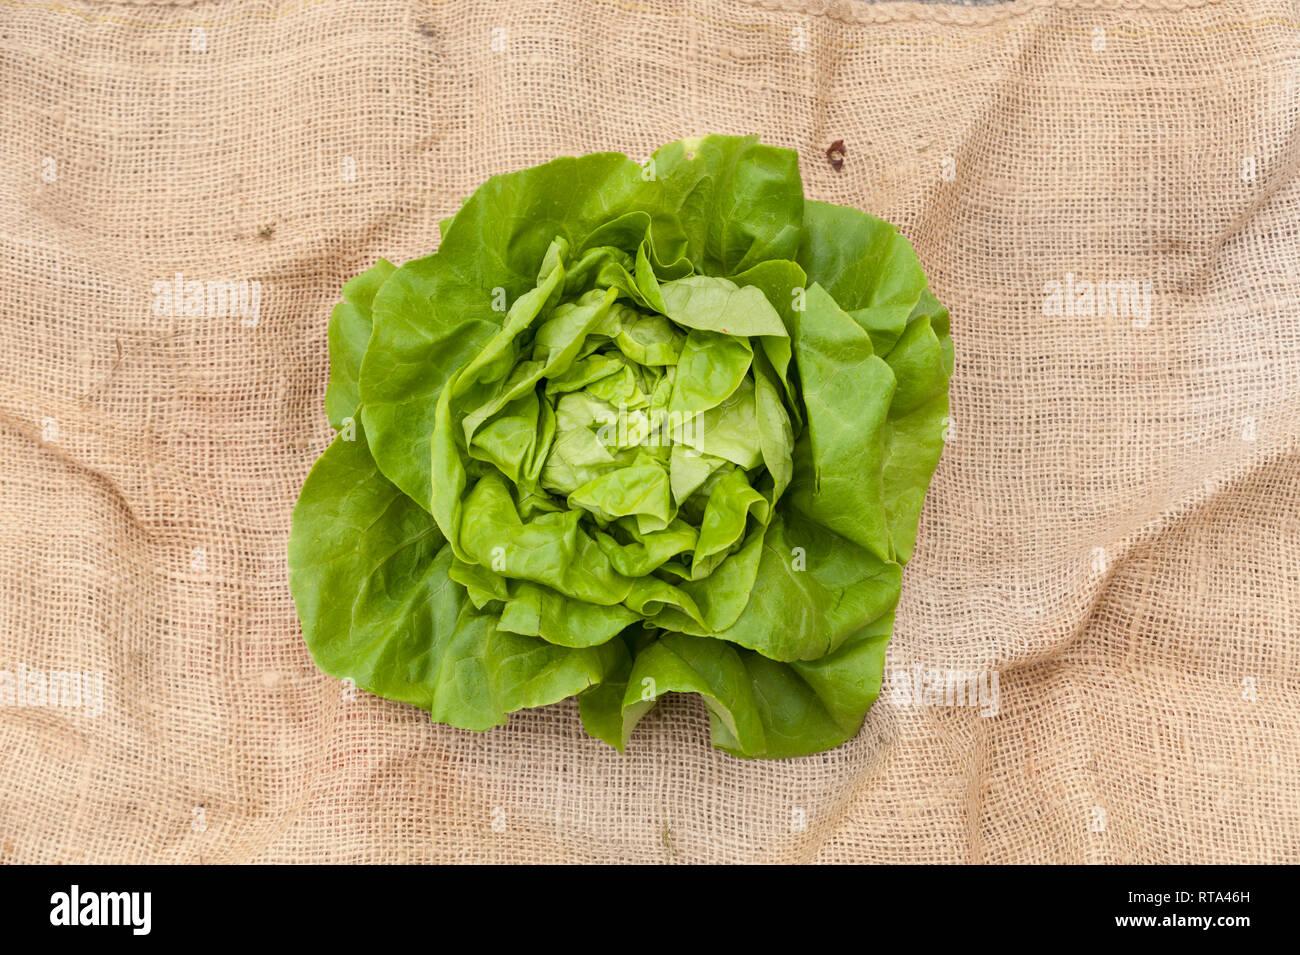 Ein Kopfsalat liegt auf Jute - Stock Image